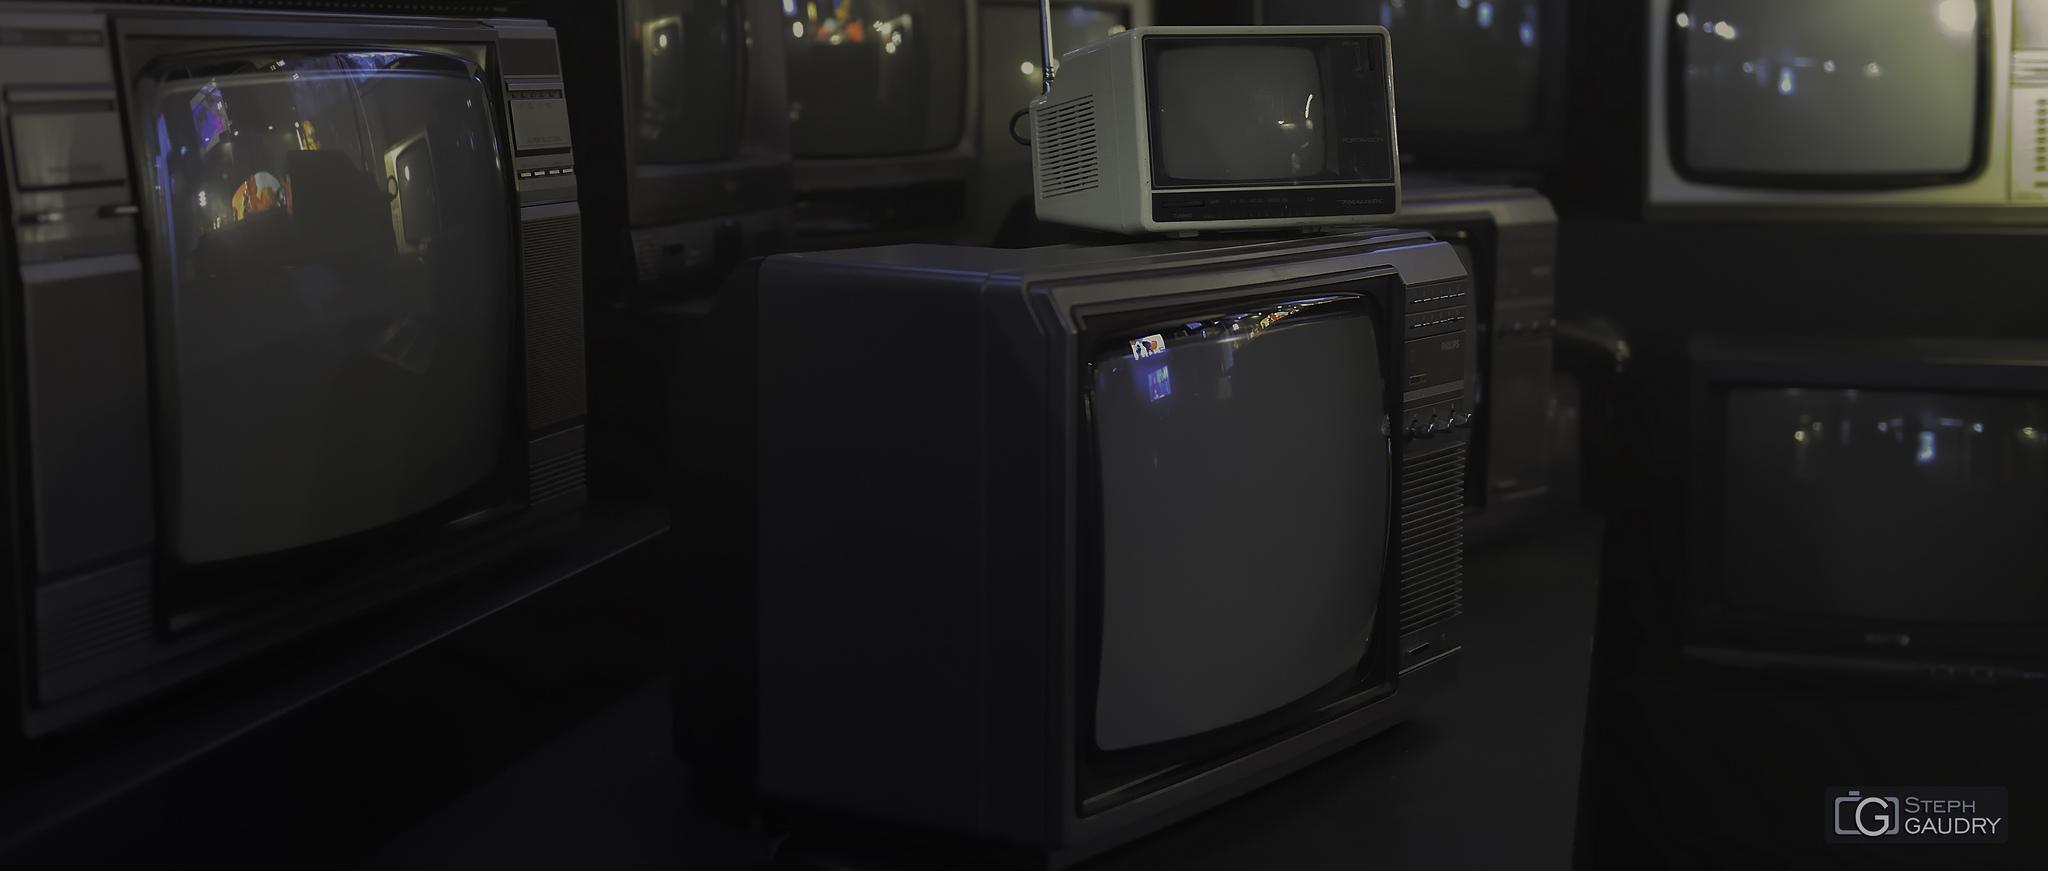 Anciens téléviseurs @ Generation '80 [Cliquez pour lancer le diaporama]